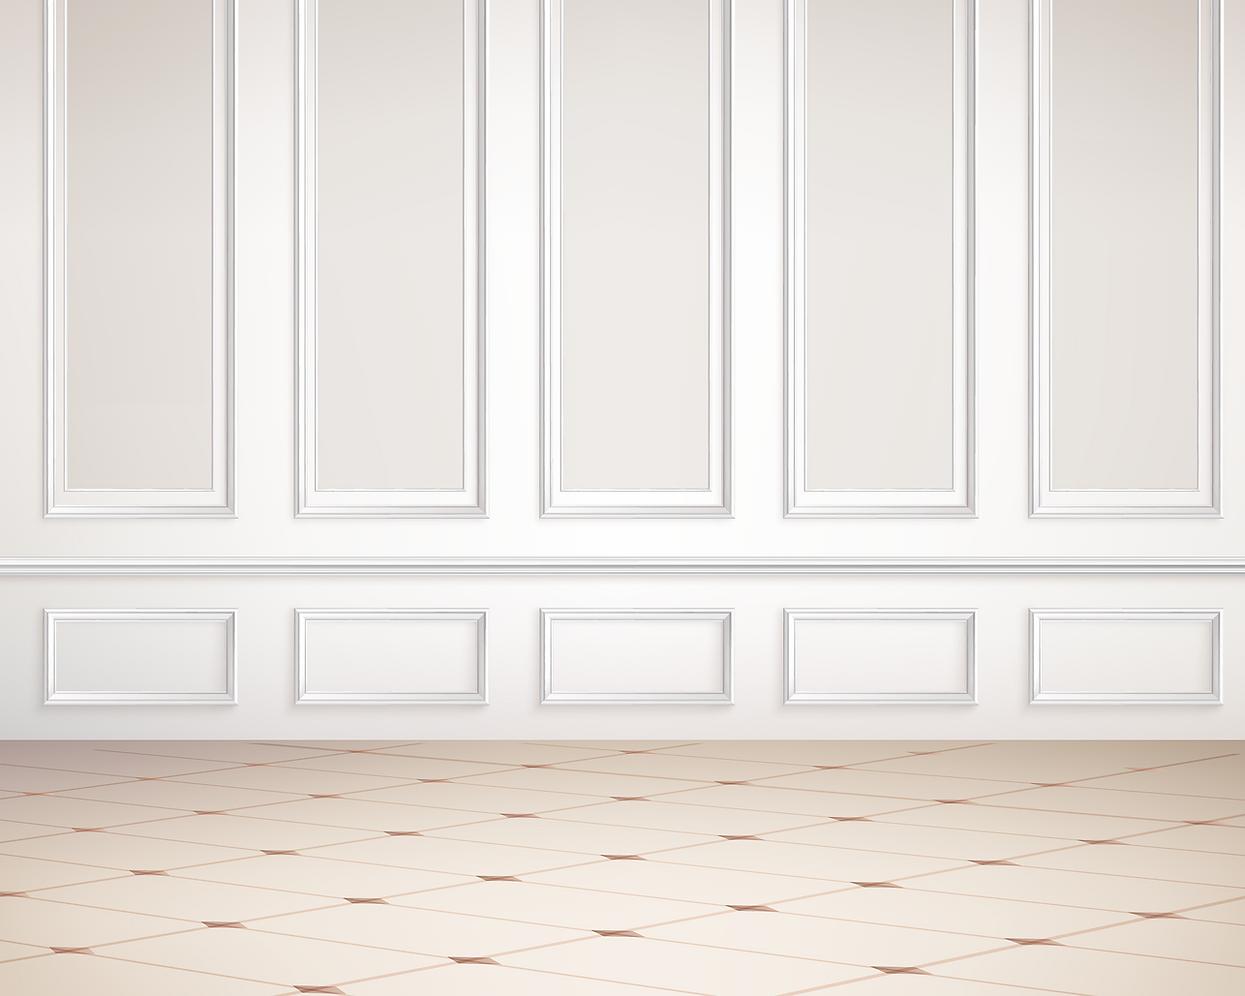 empty-room-4601015_1920.png